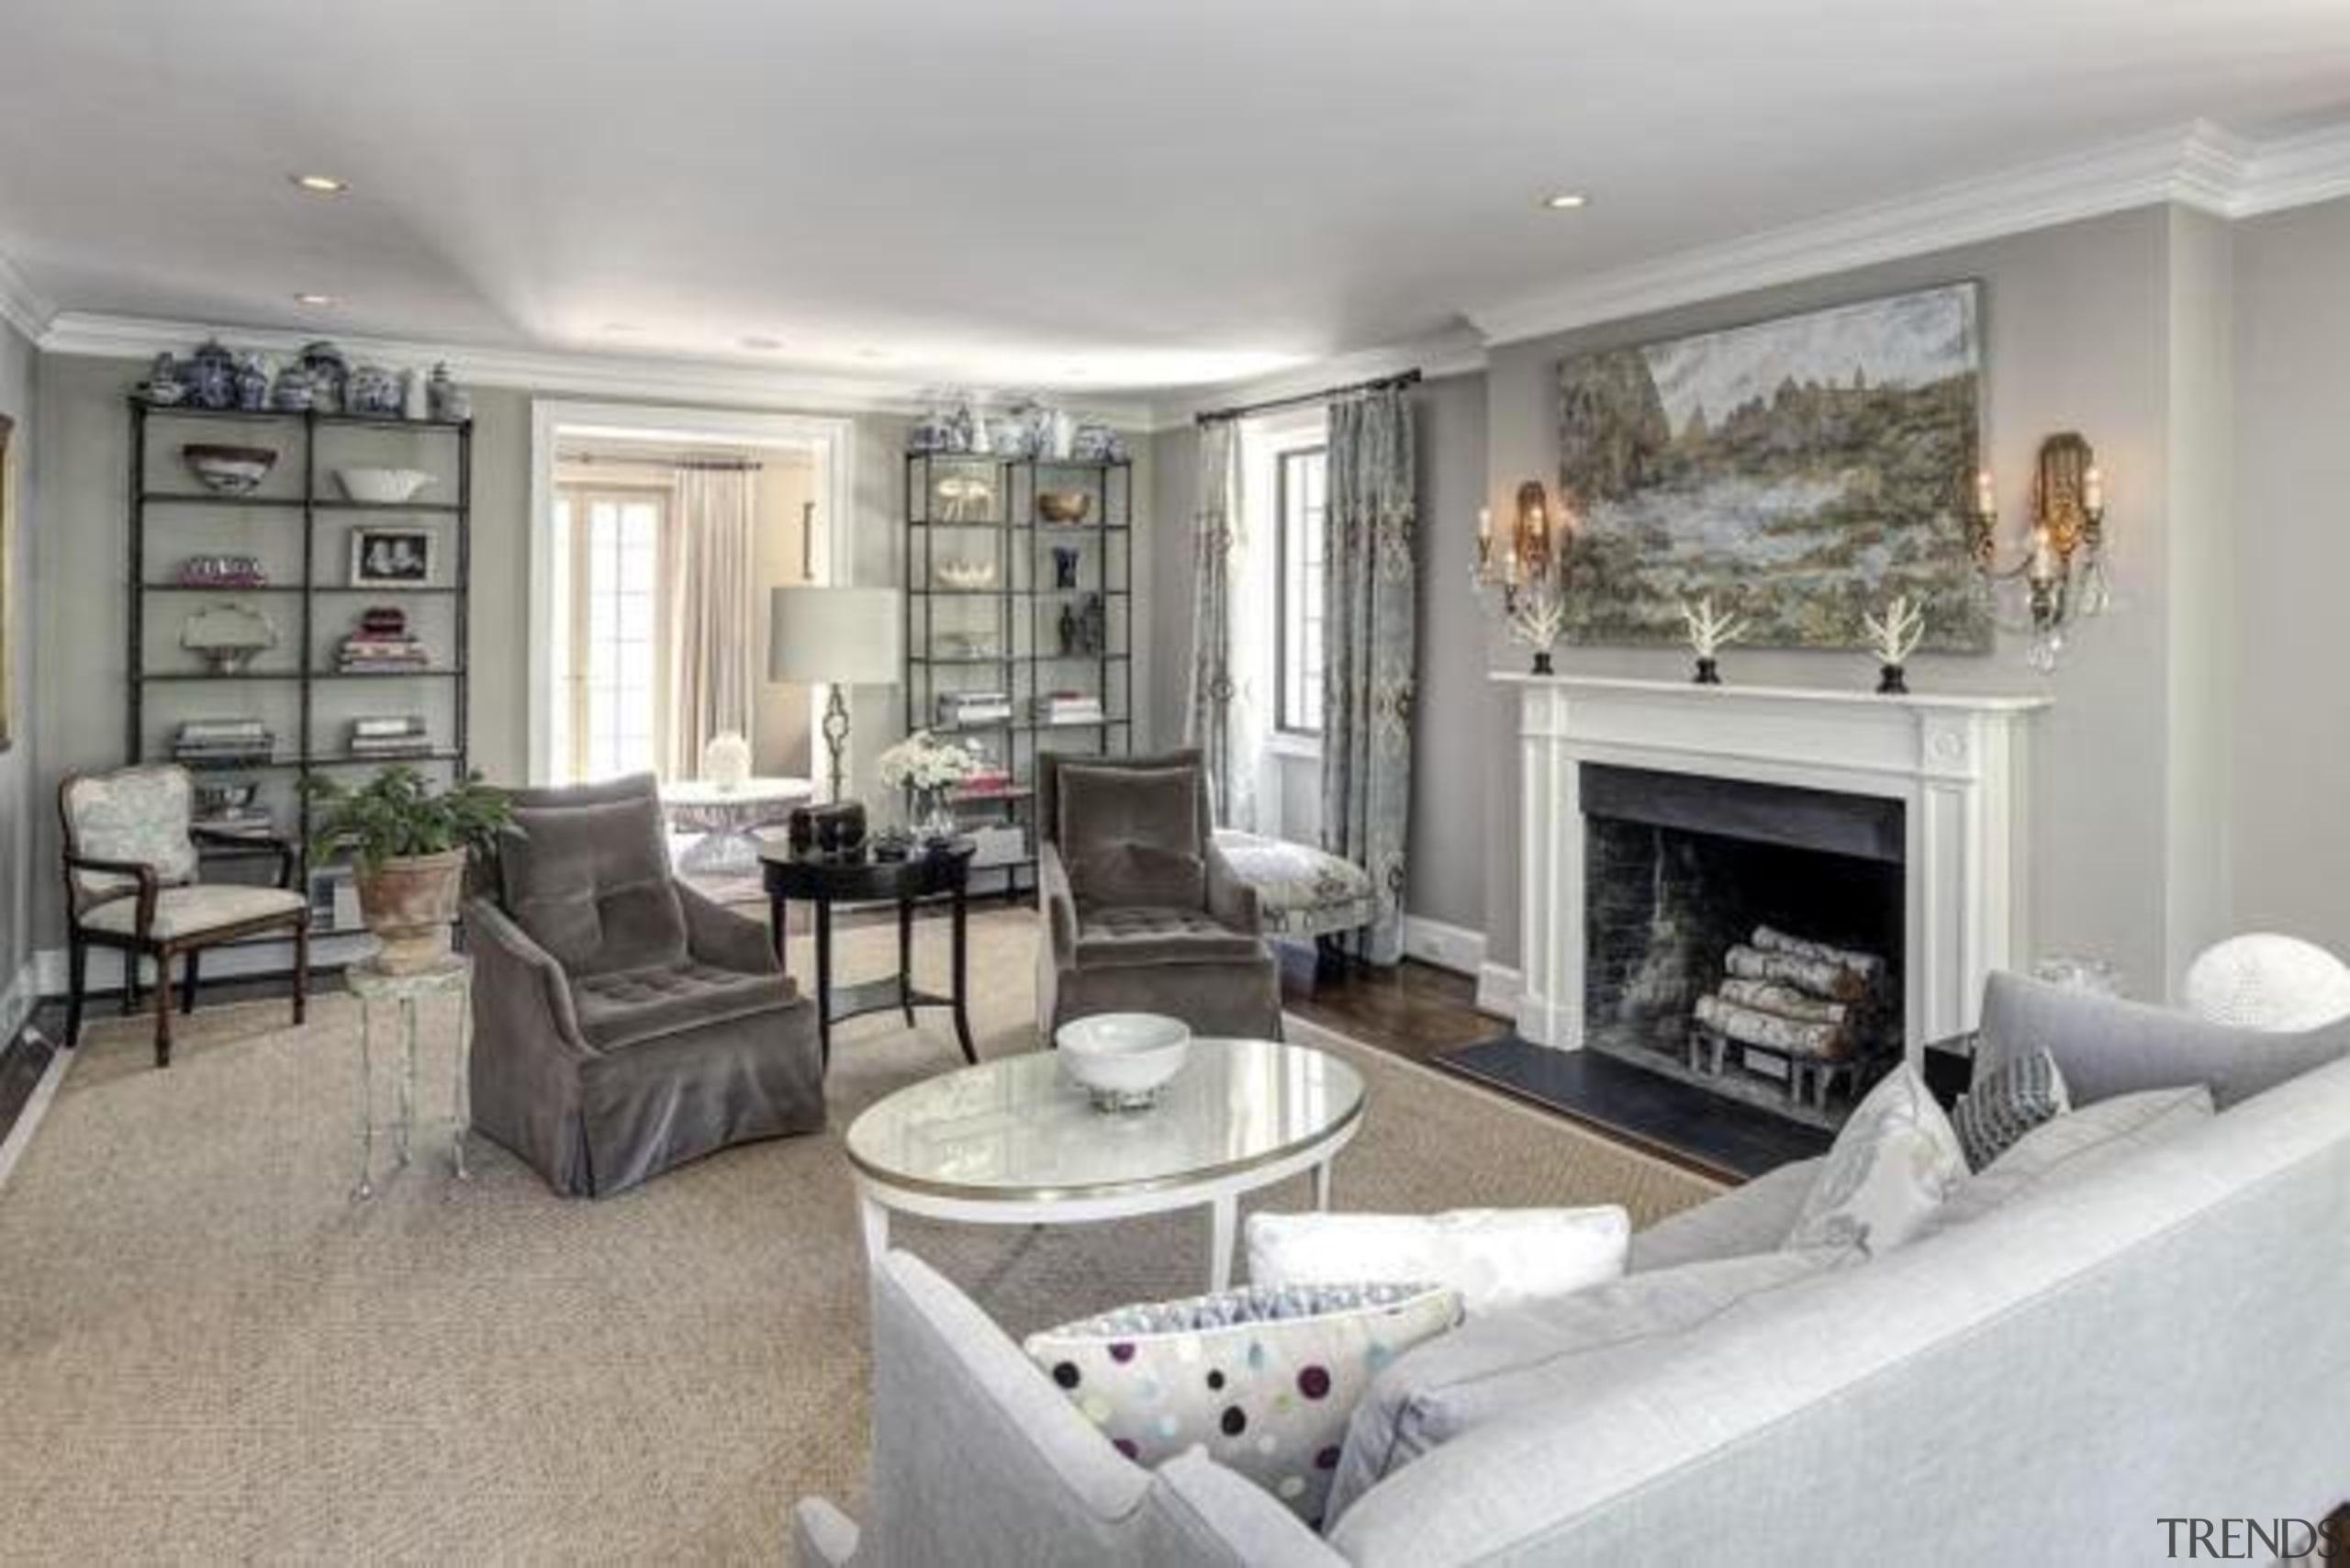 Original story from Trulia estate, home, interior design, living room, property, real estate, room, gray